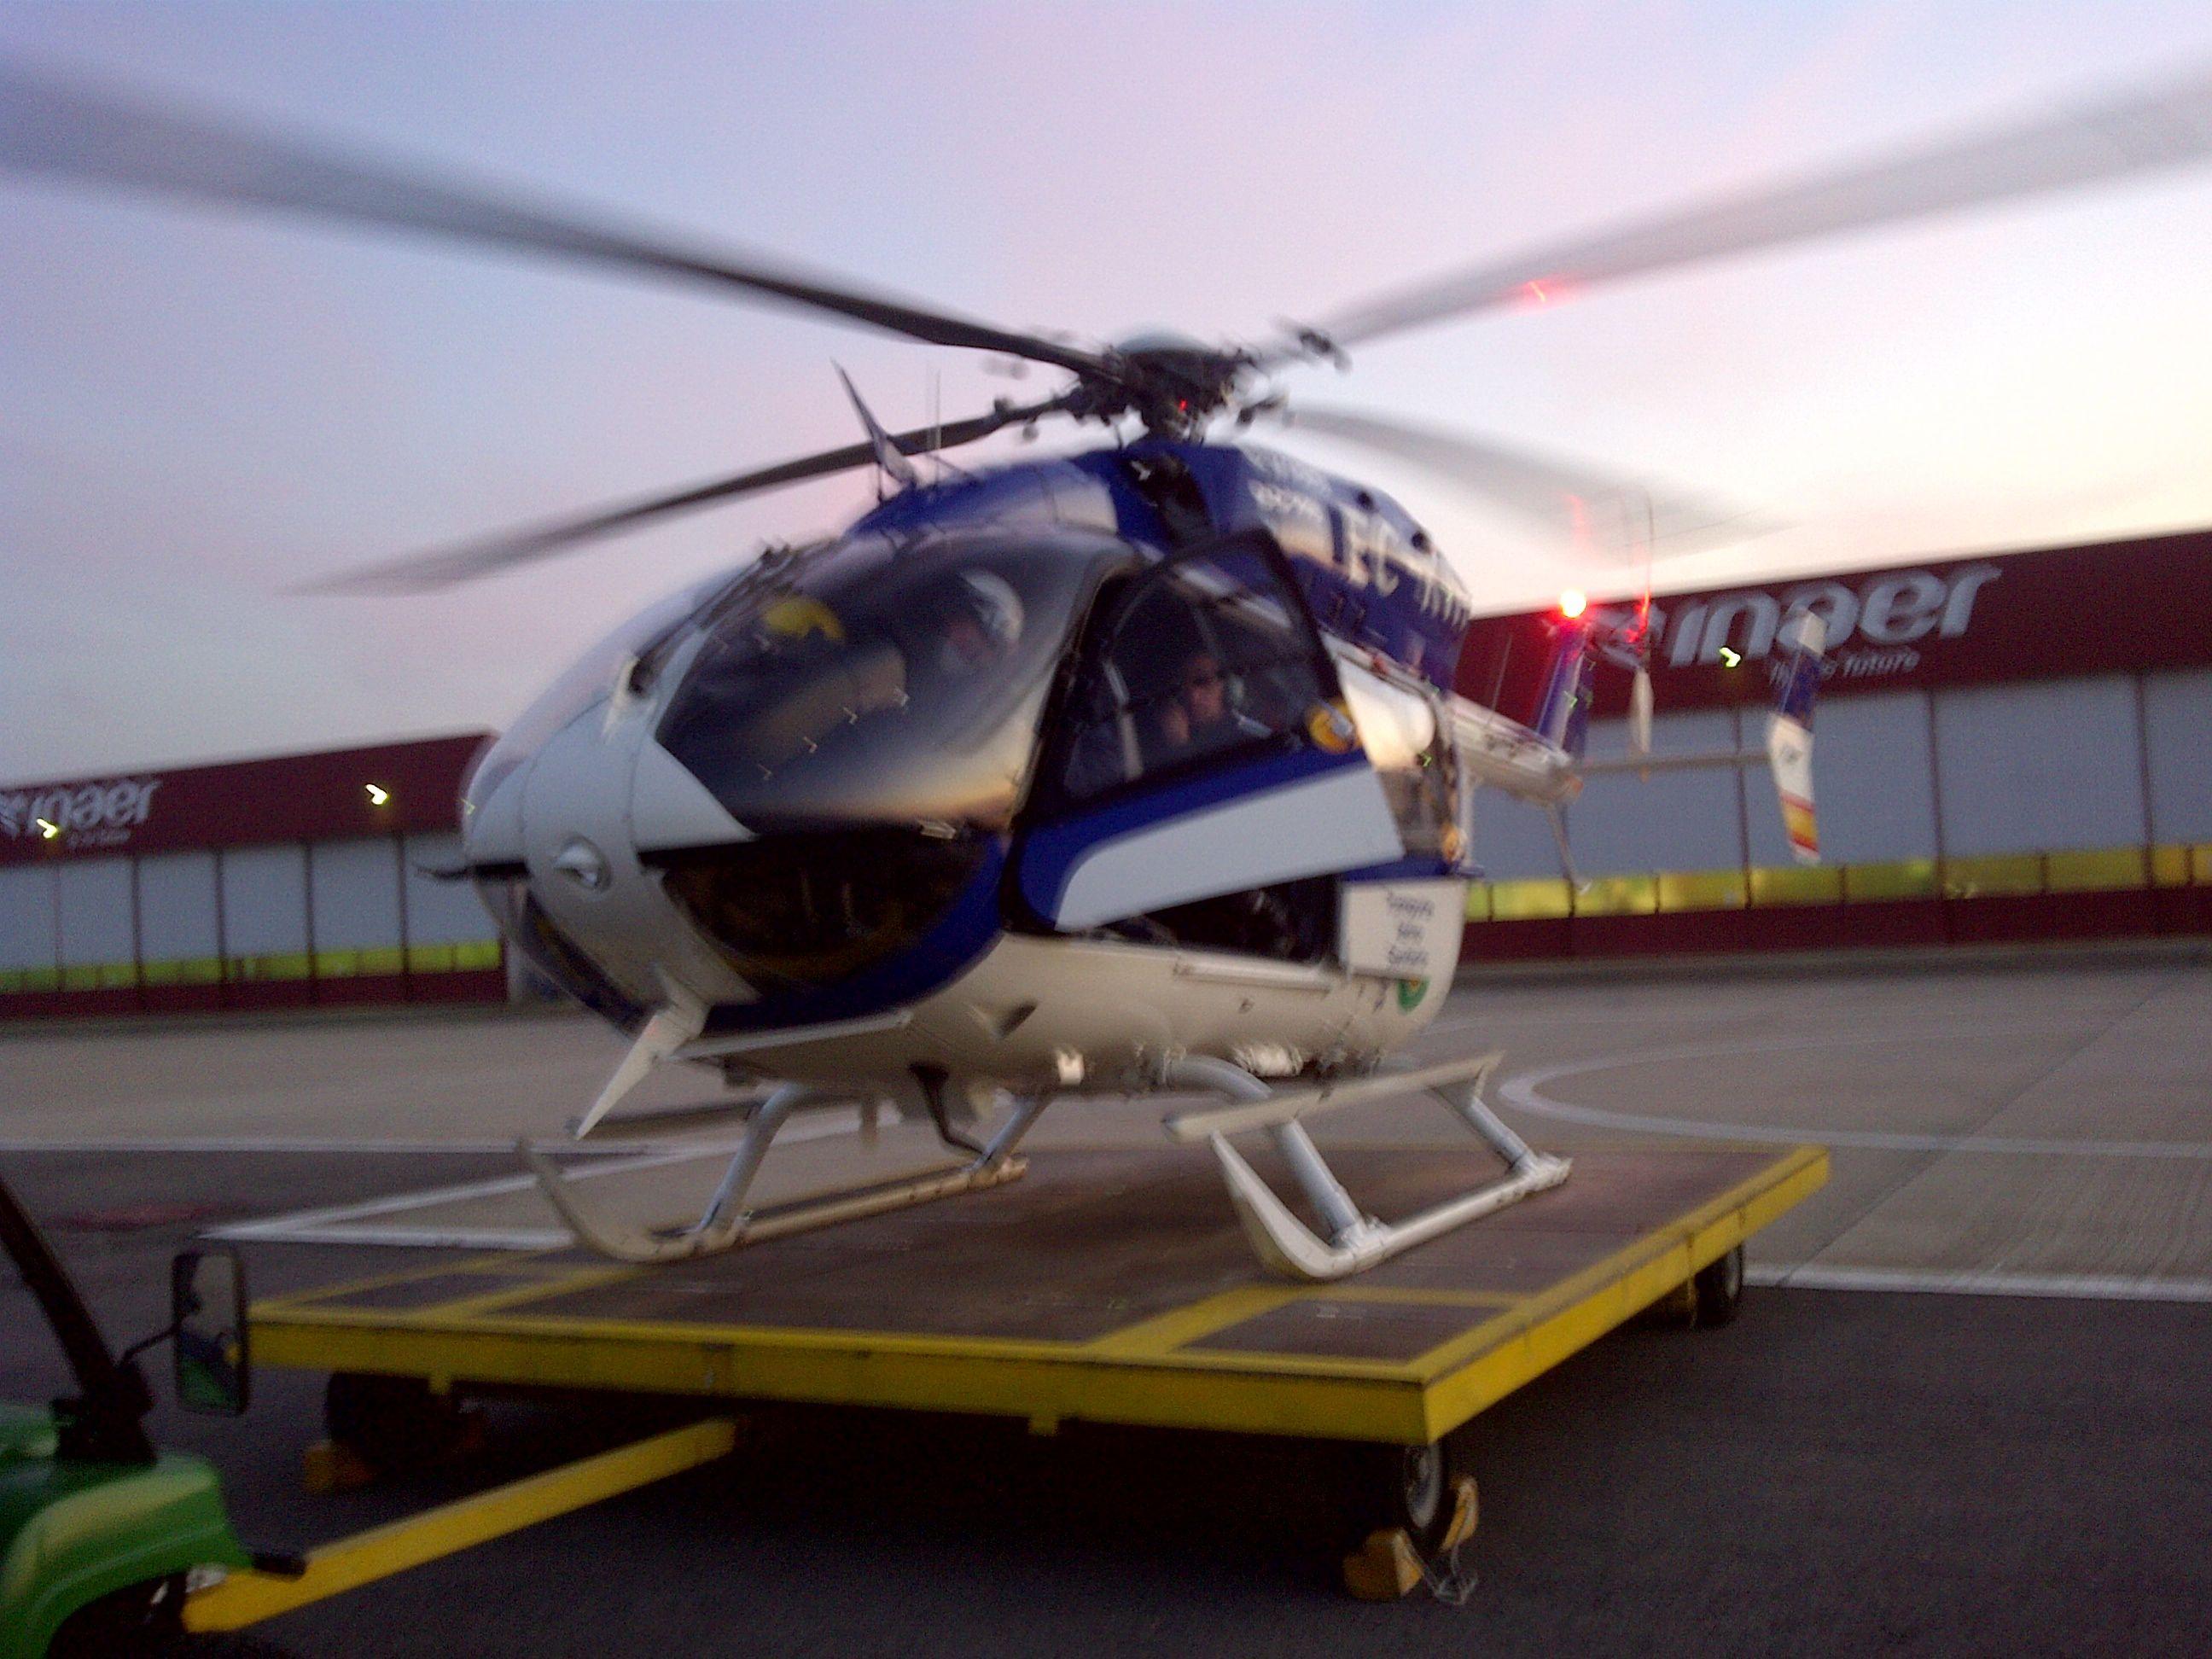 Fisiopatología del transporte sanitario: Aéreo y Terrestre. Juan Antonio  Sinisterra Aquilino | Blog de Enfermería